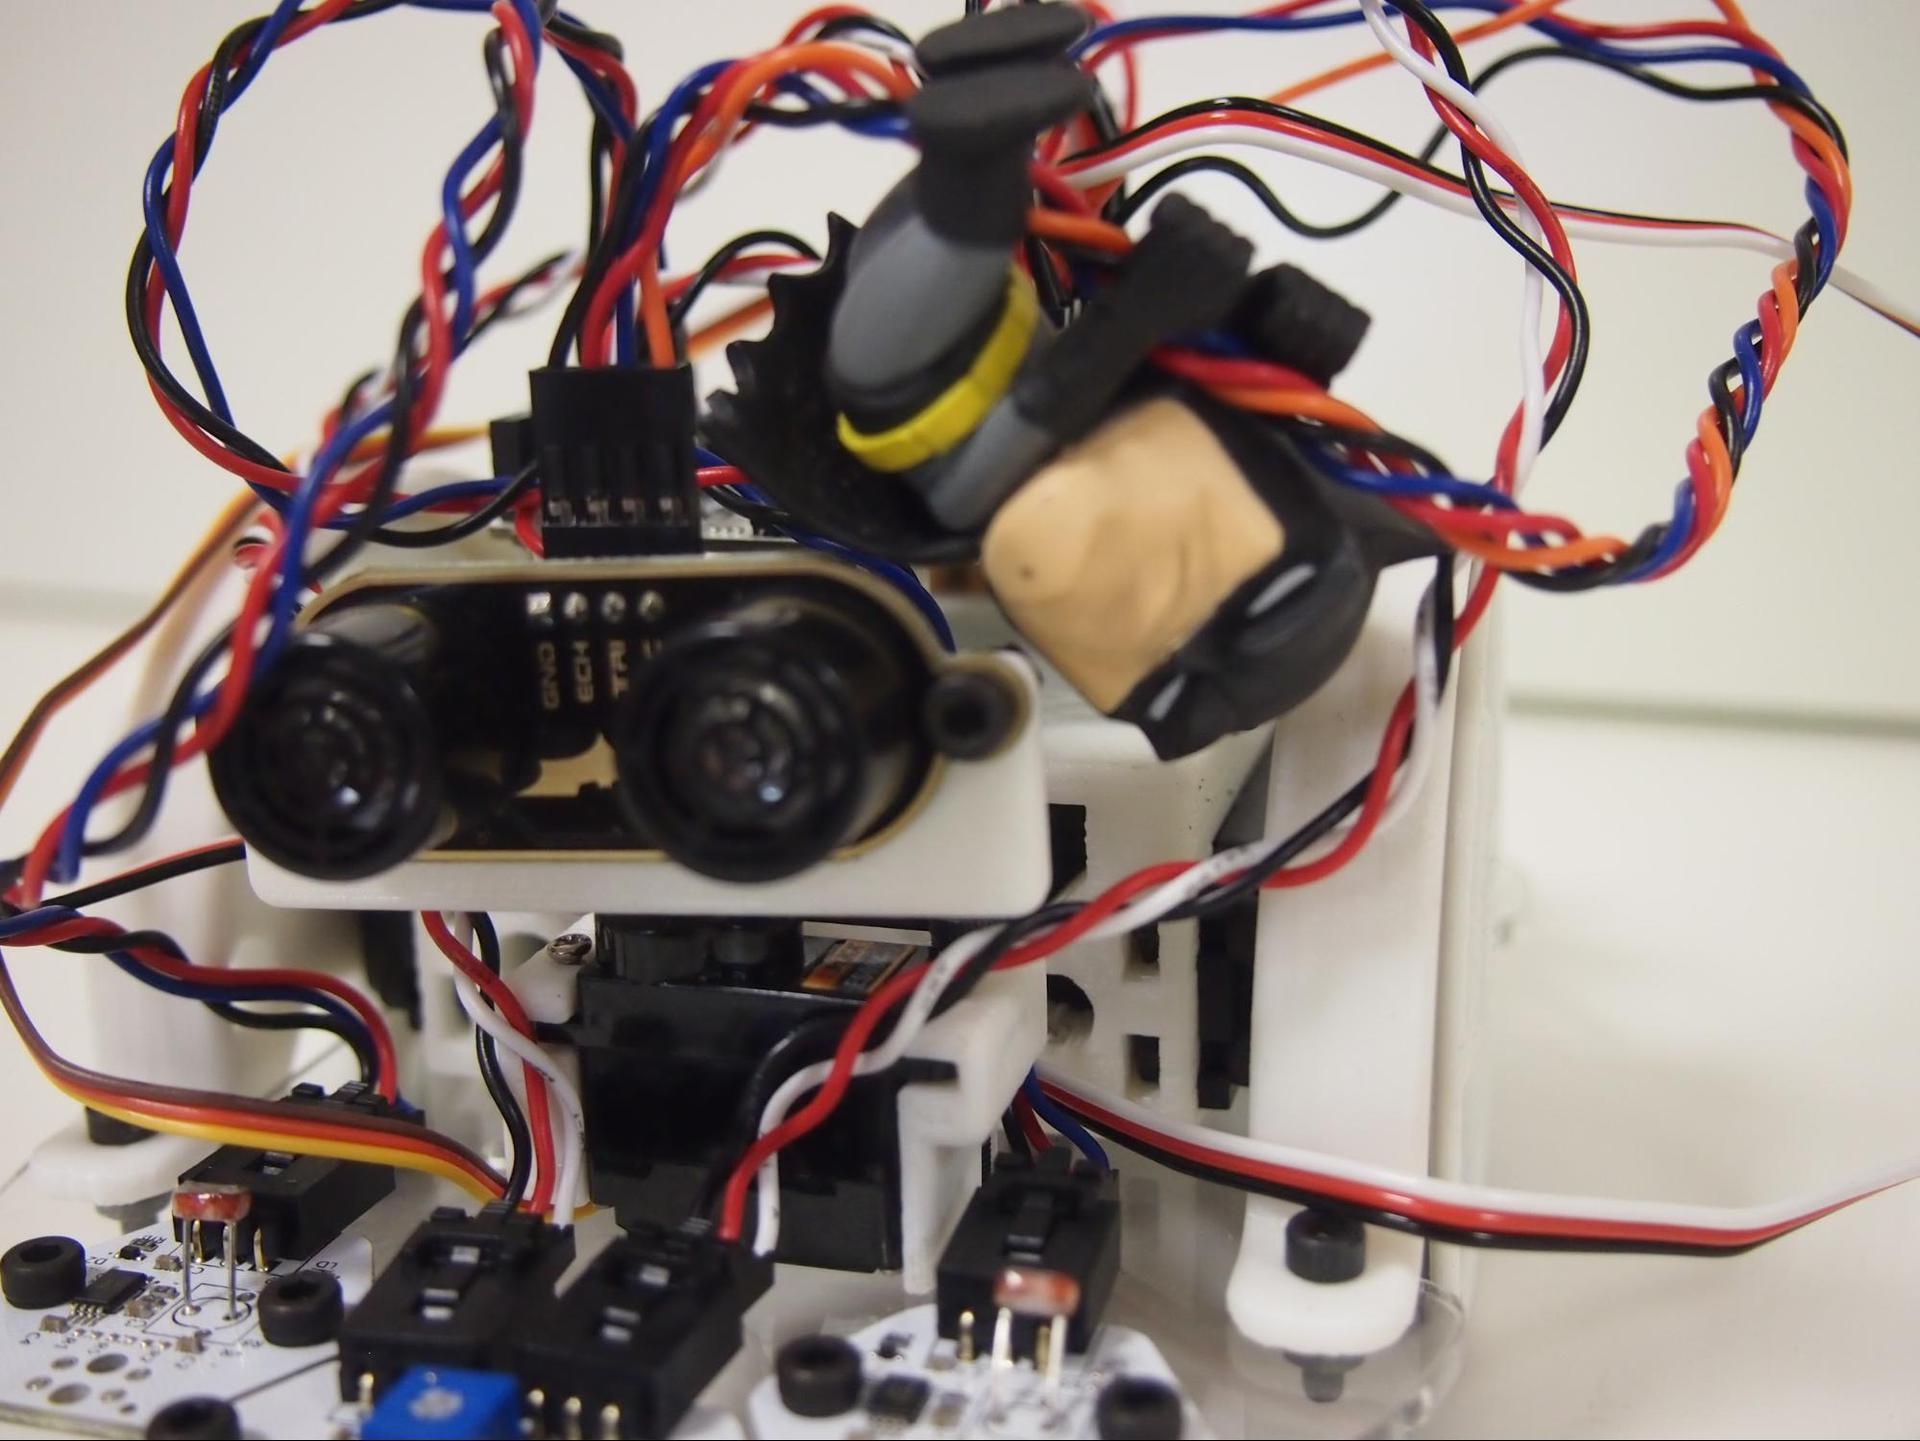 DIY Робот или эволюция в комплекте - 21